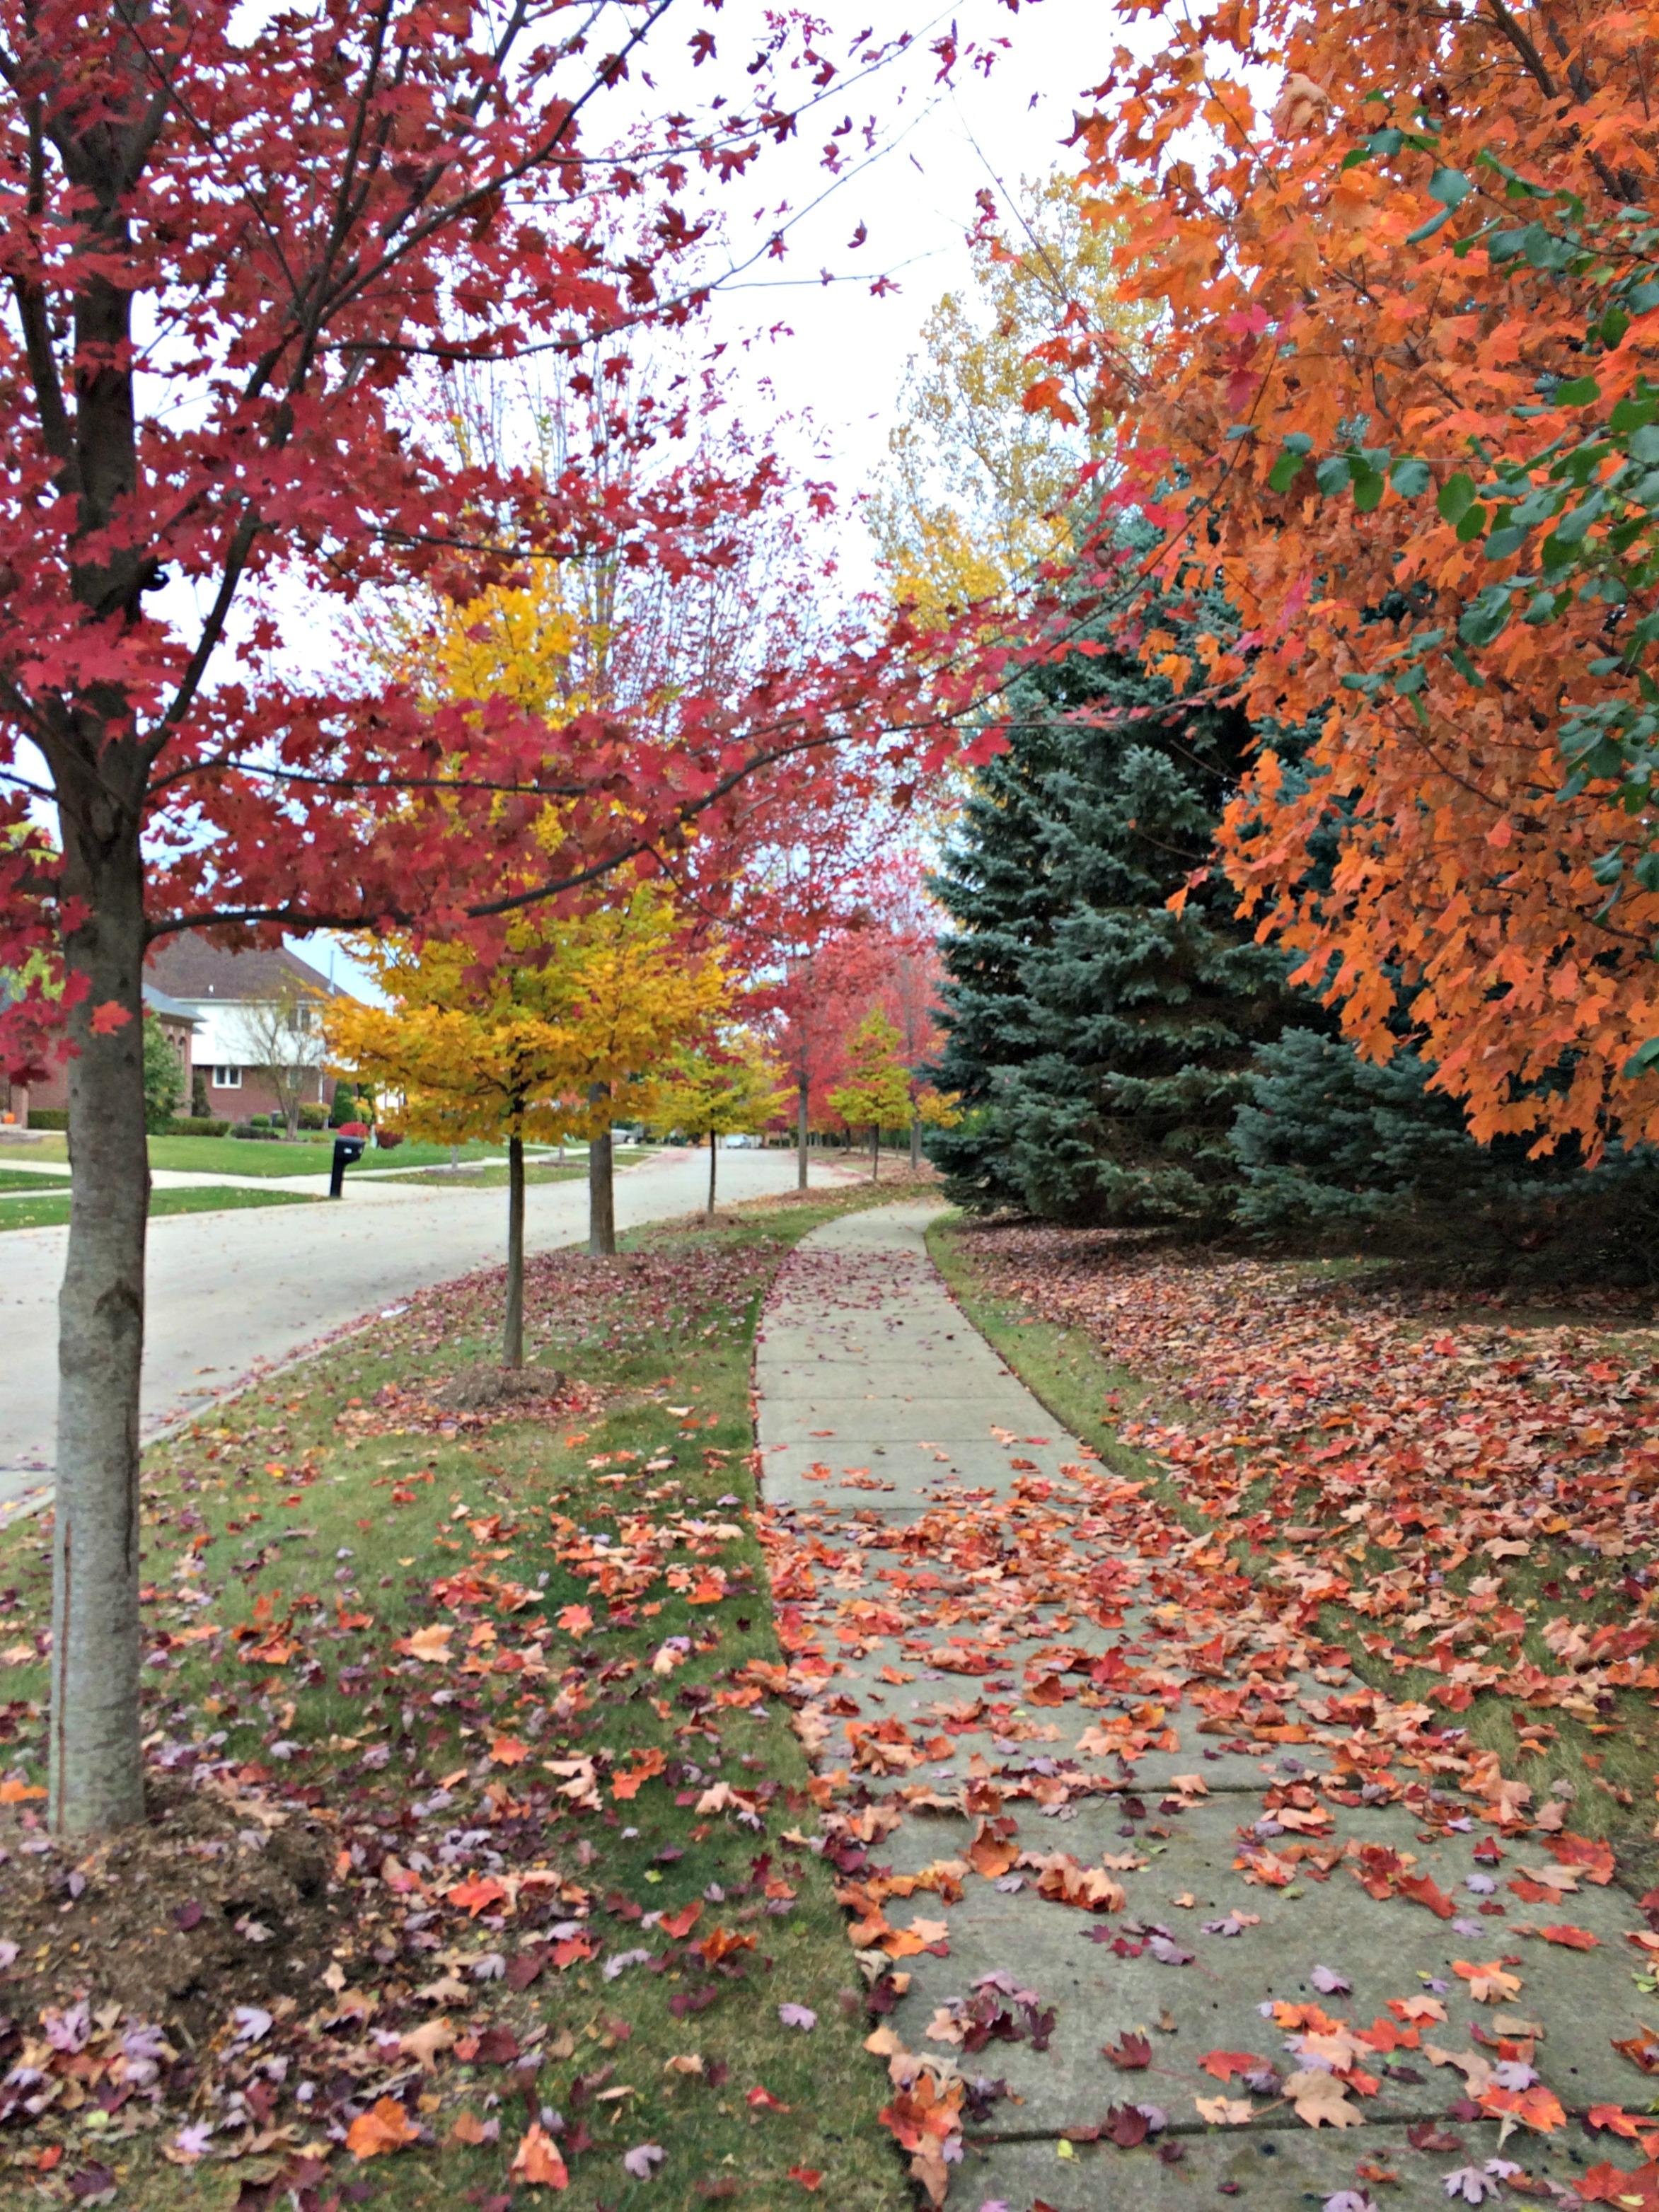 fall foliage in michigan